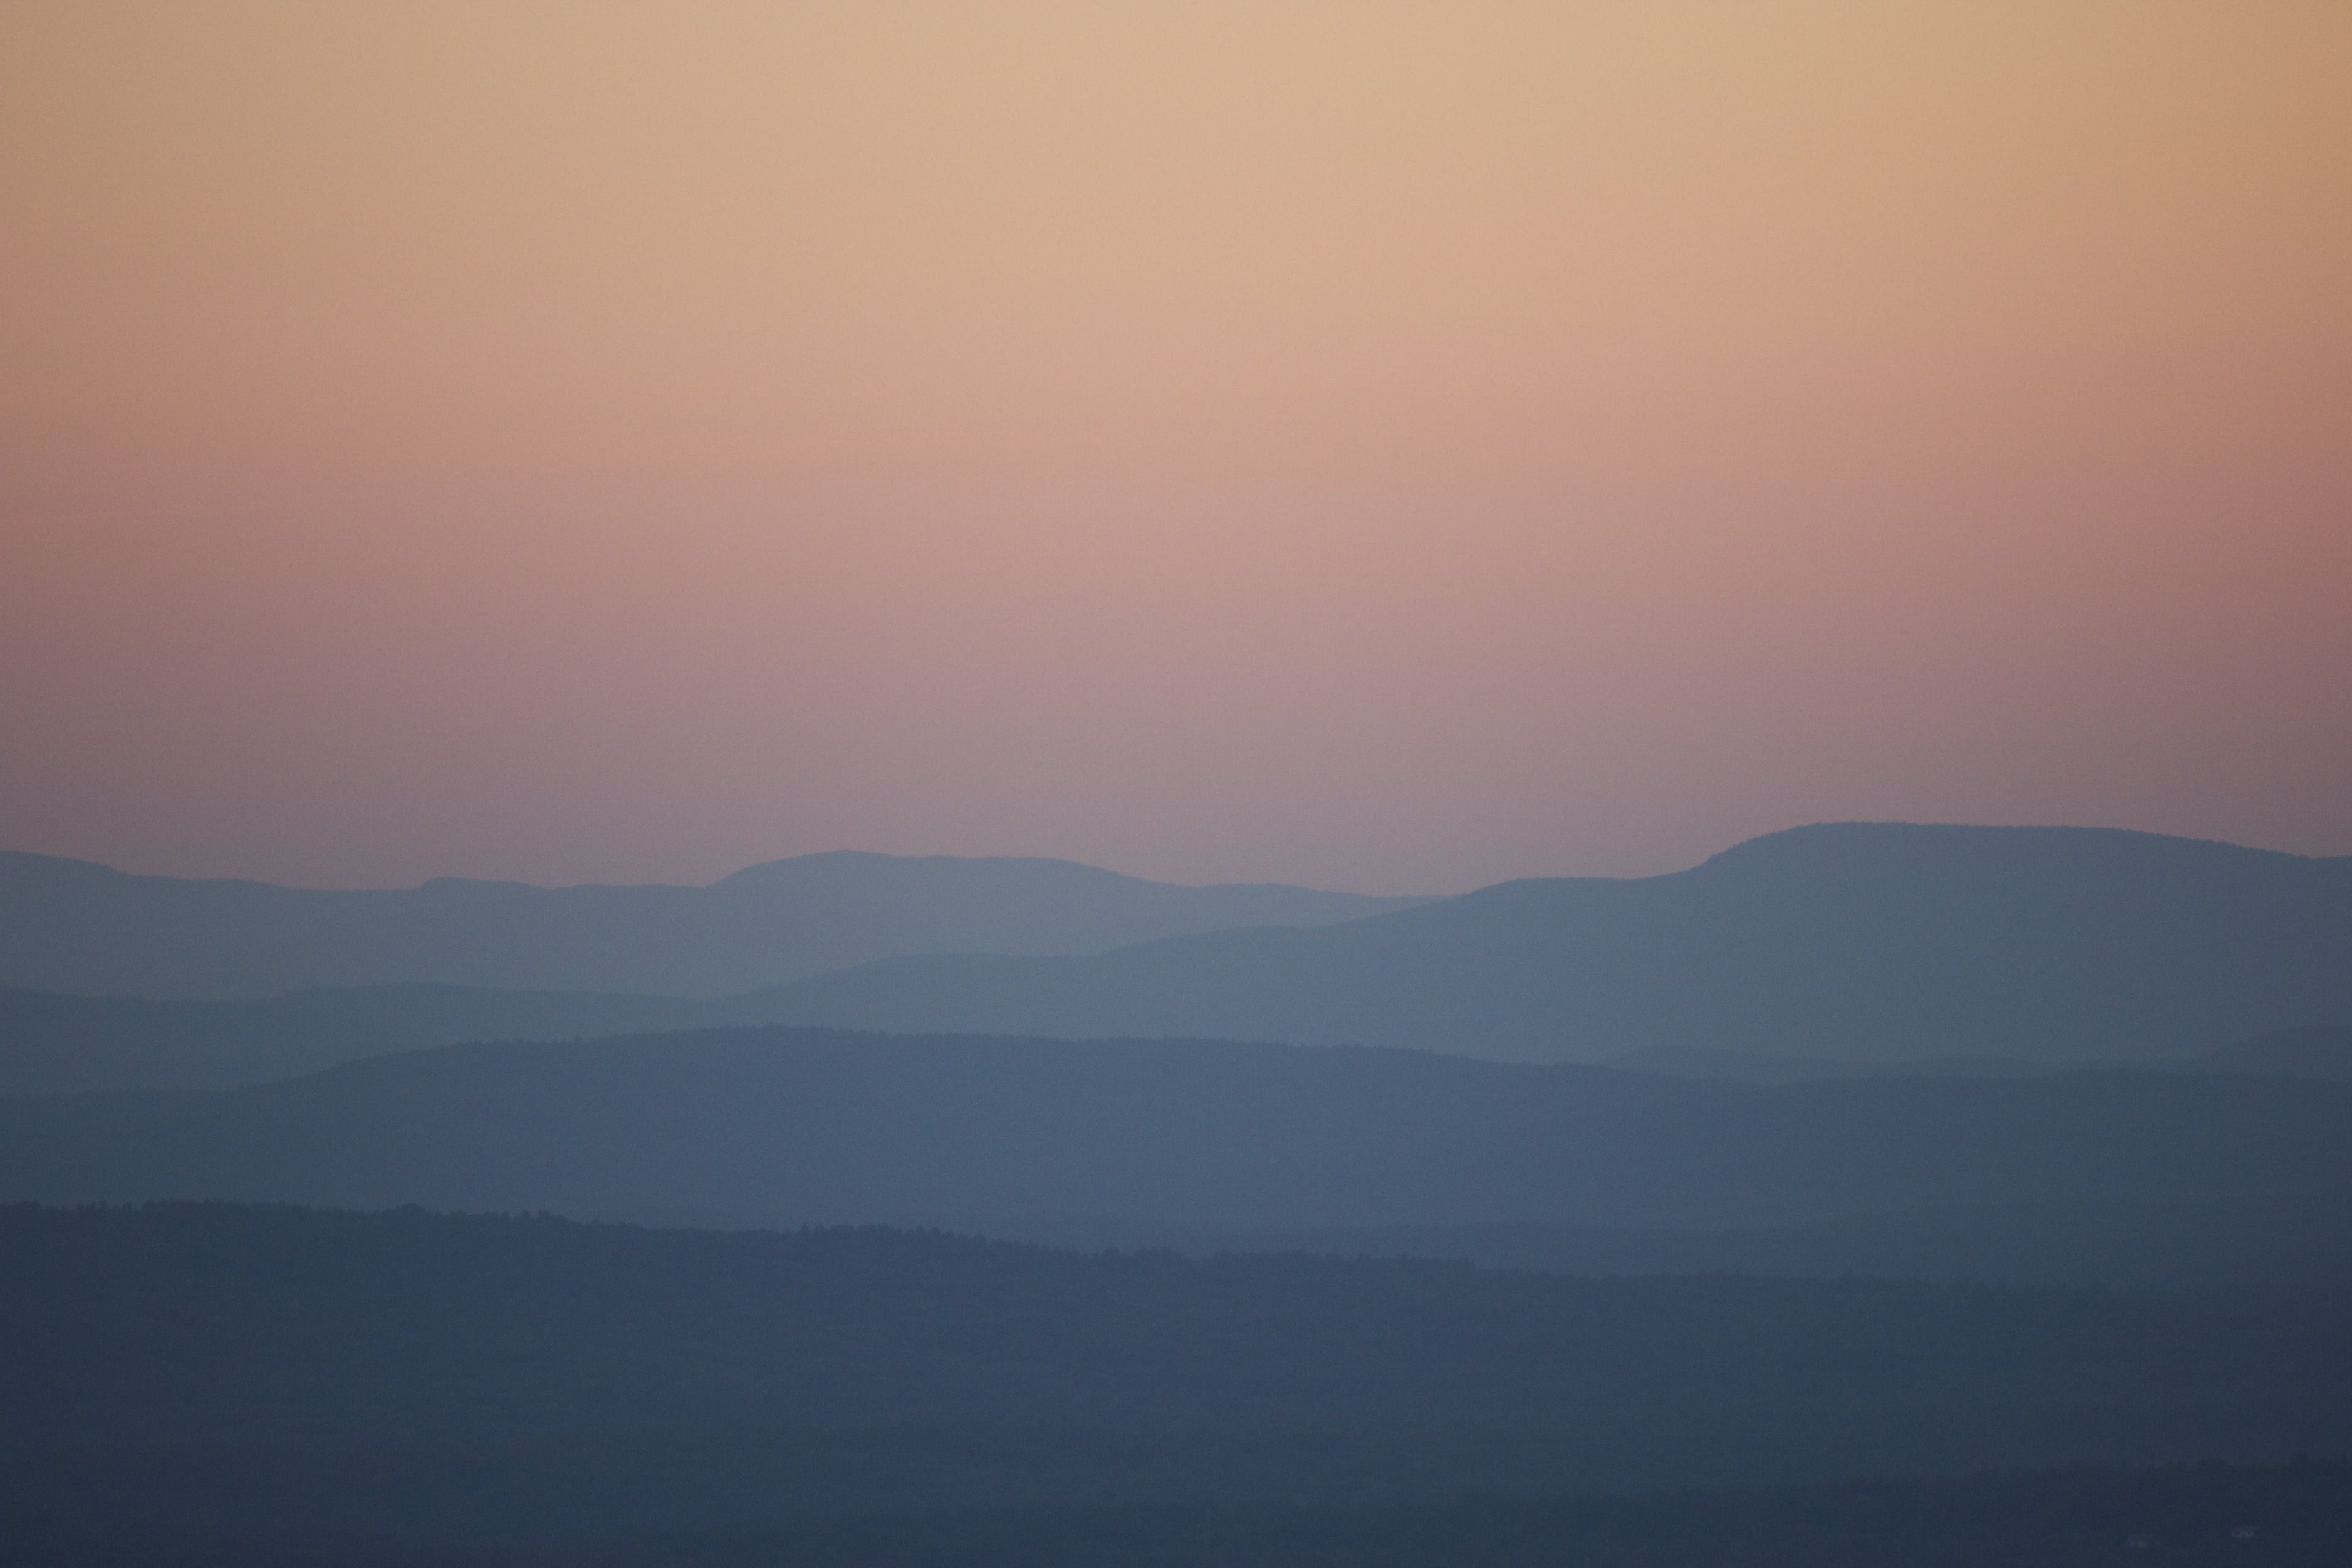 dusk, landscape, mountains